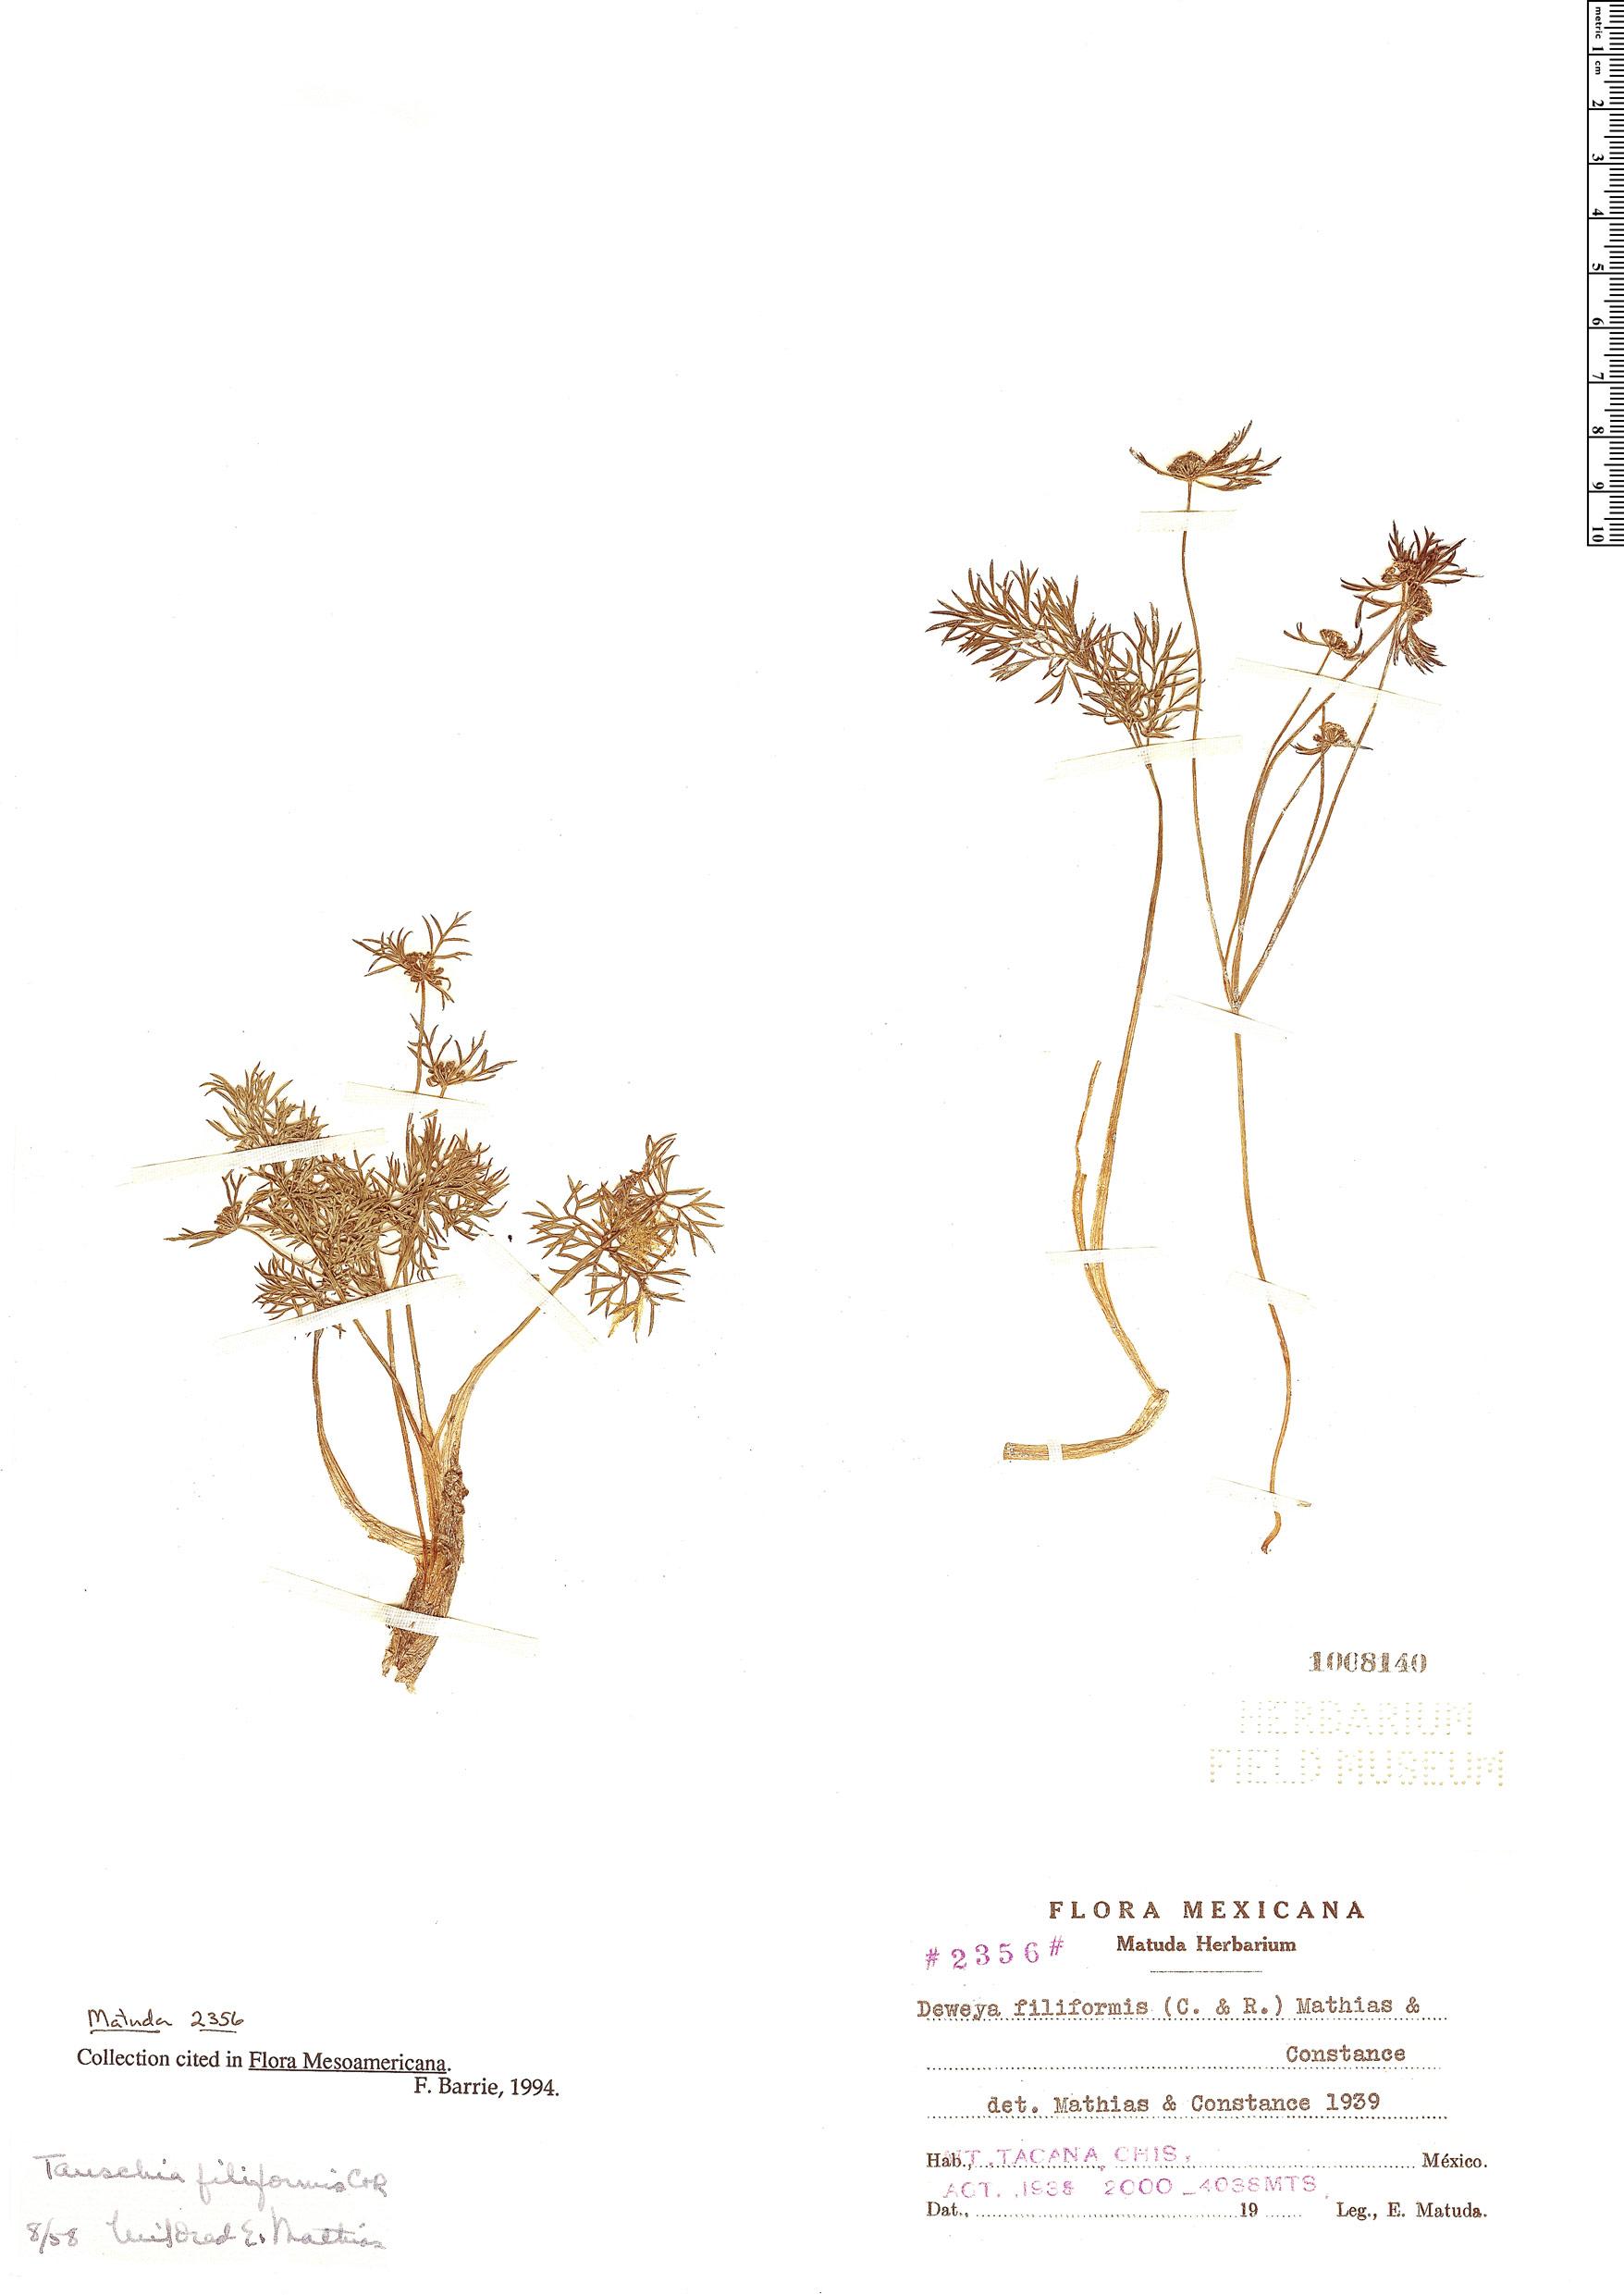 Specimen: Tauschia filiformis